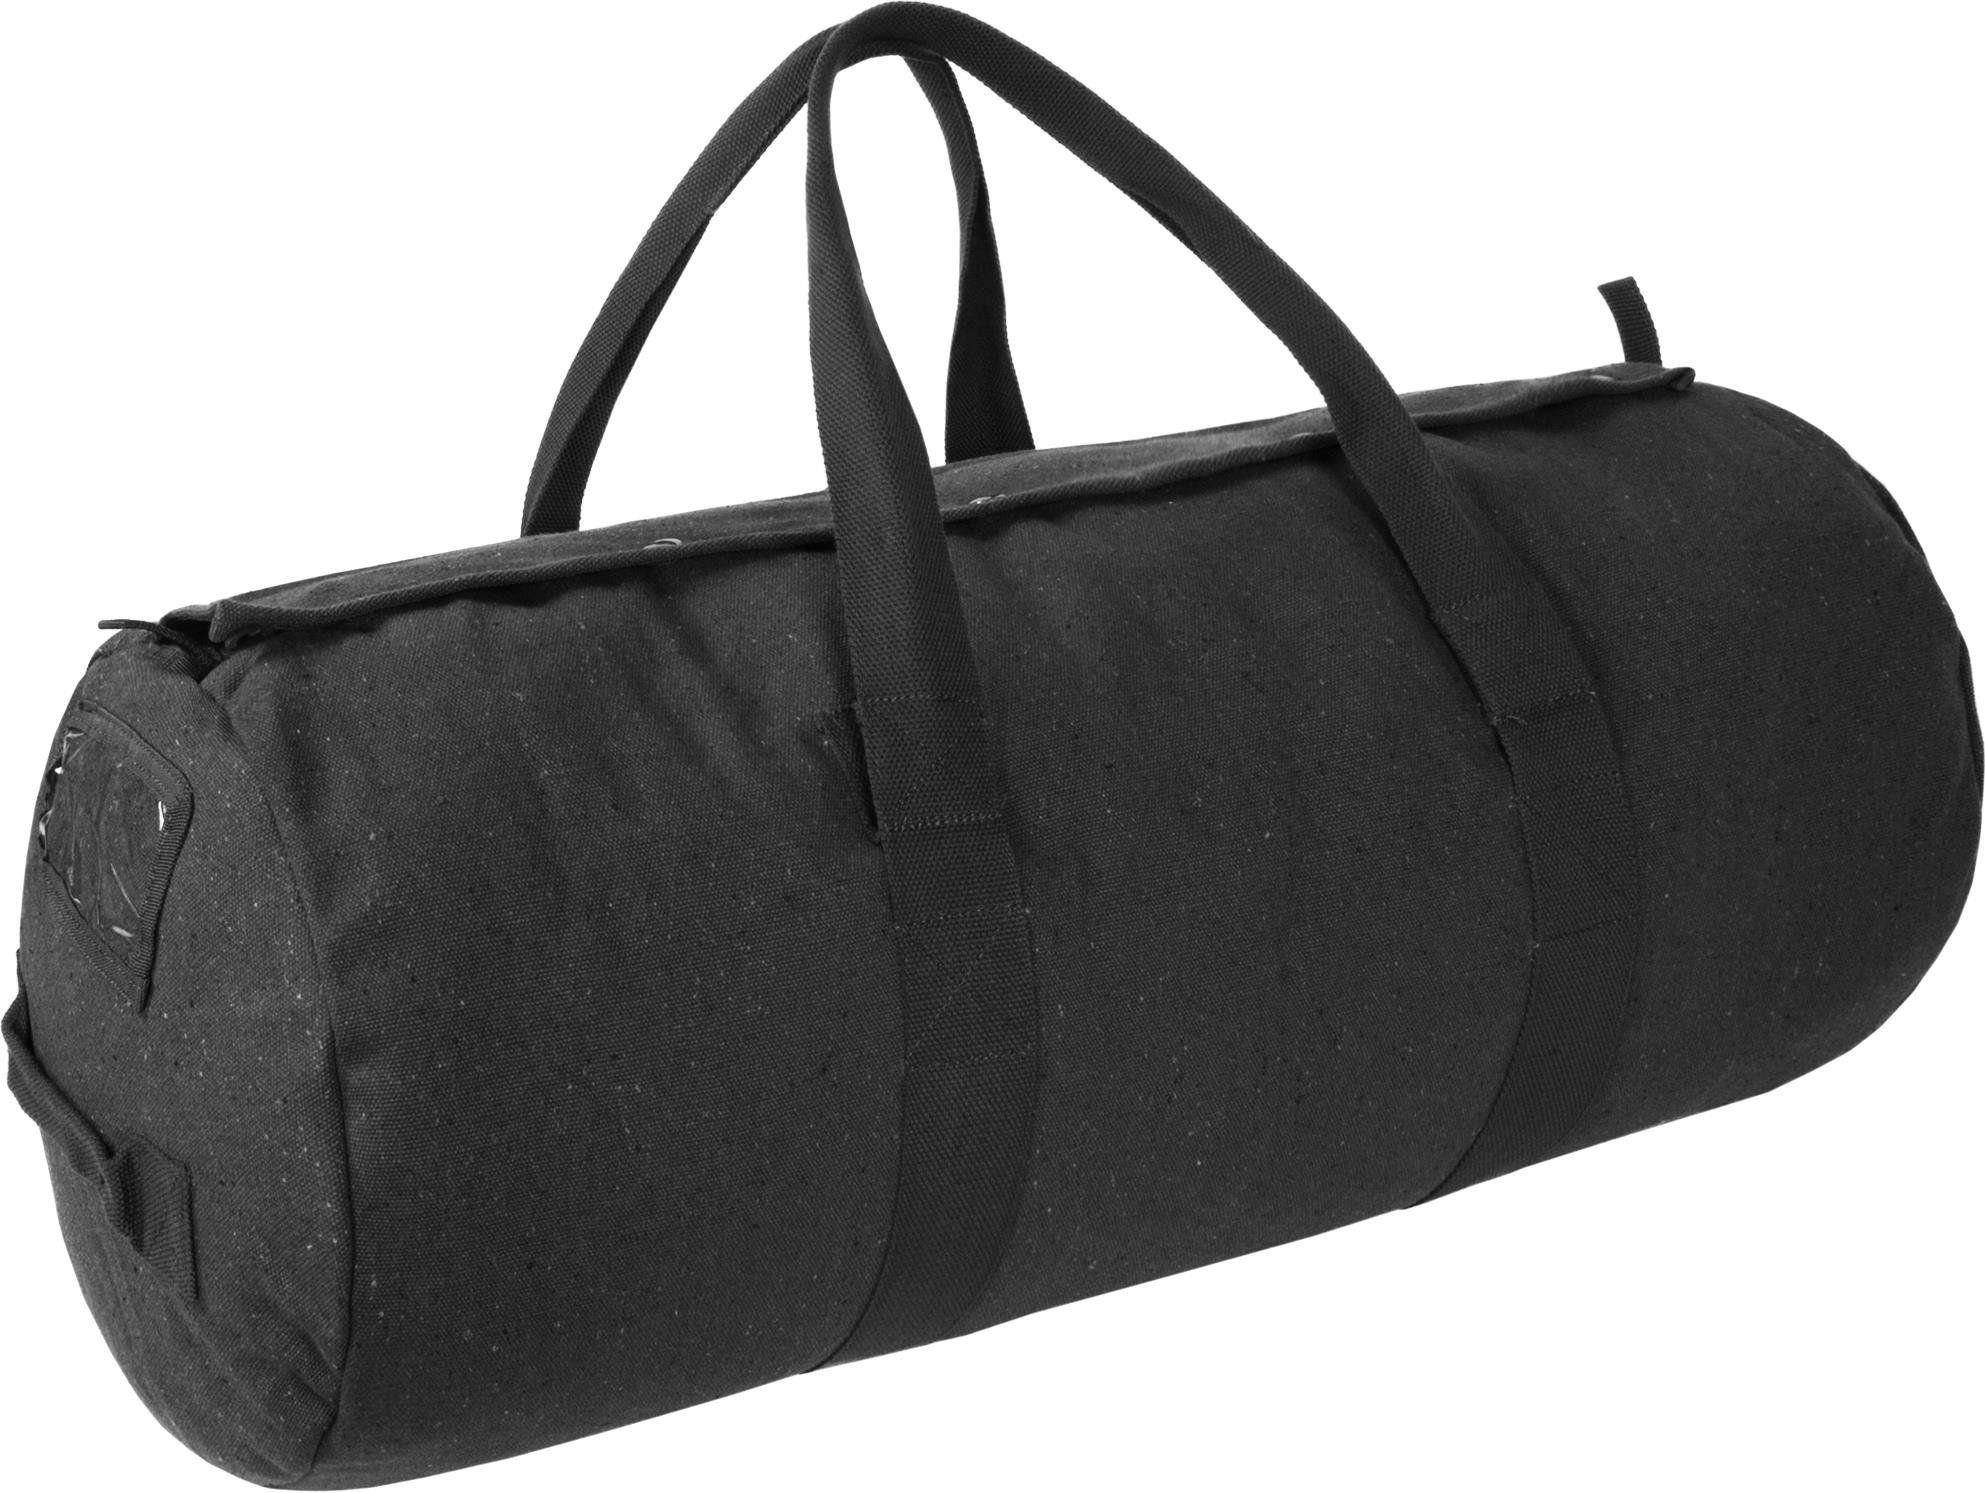 Canvas Seesack Universal Tasche Aus Reiner Baumwolle Farbe Schwarz Größe 70l Amazon De Koffer Rucksäcke Taschen Seesack Säckchen Taschen